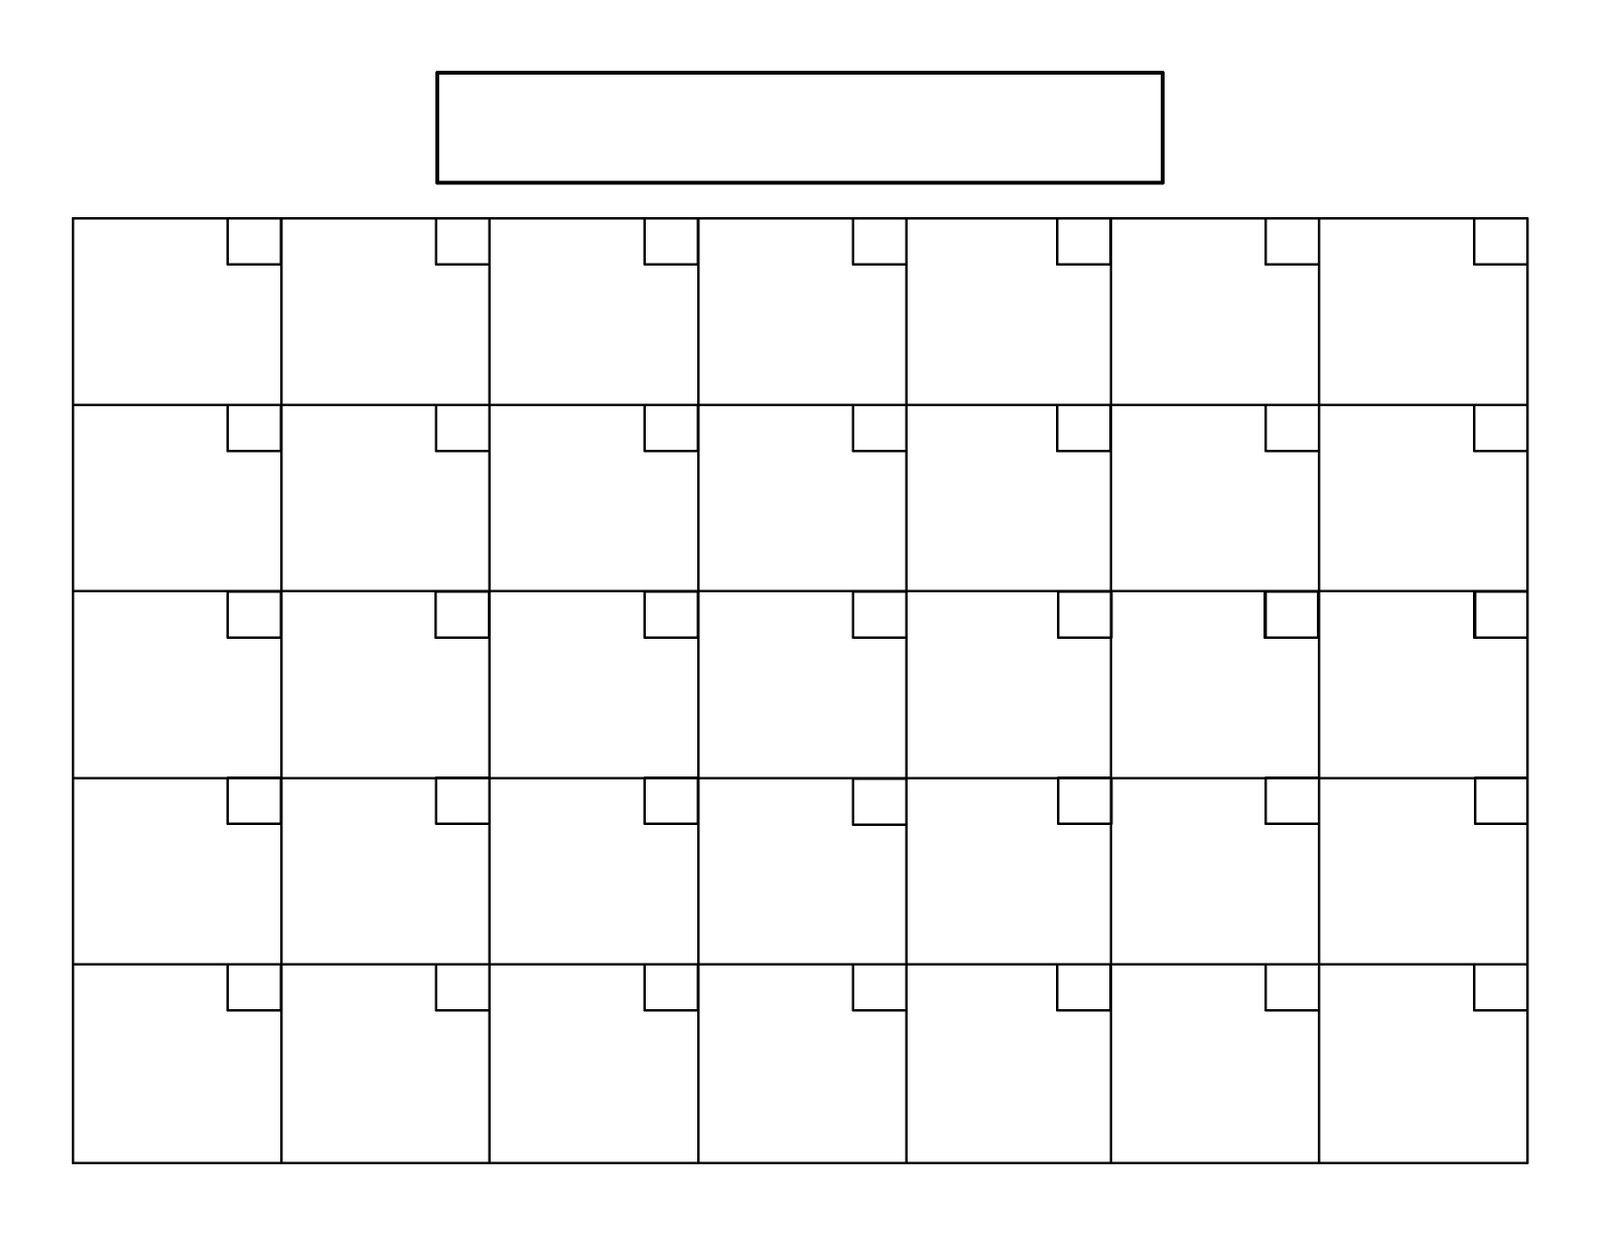 Пустой Календарь Больших Квадратов - Календарь | Календарь | Пустой with regard to Printable Blank 31 Day Calendar